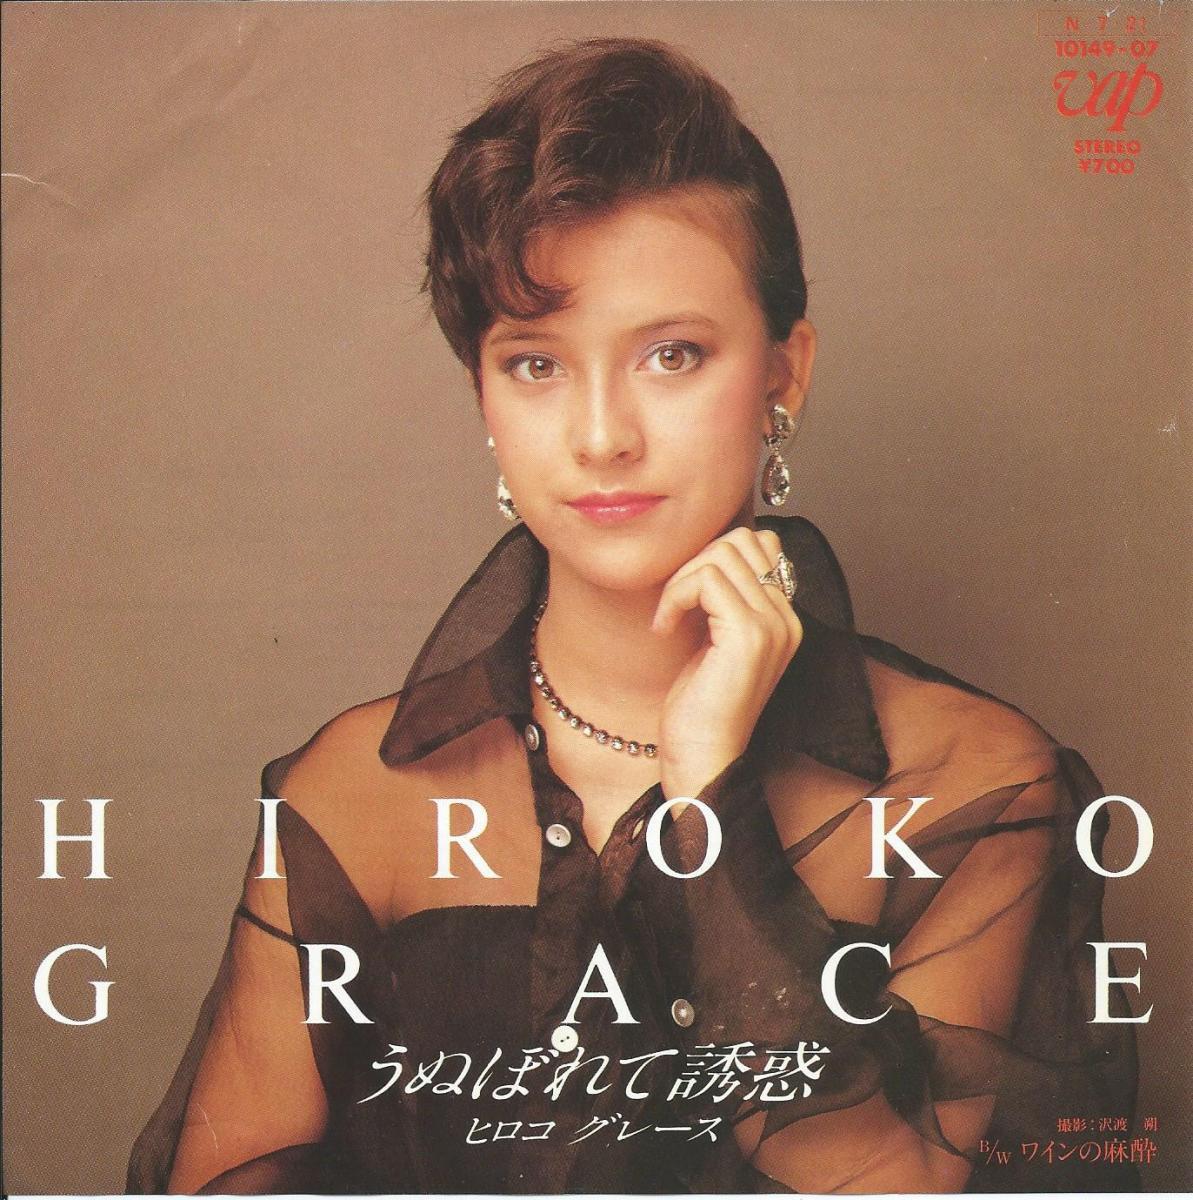 ヒロコ・グレースの画像 p1_27